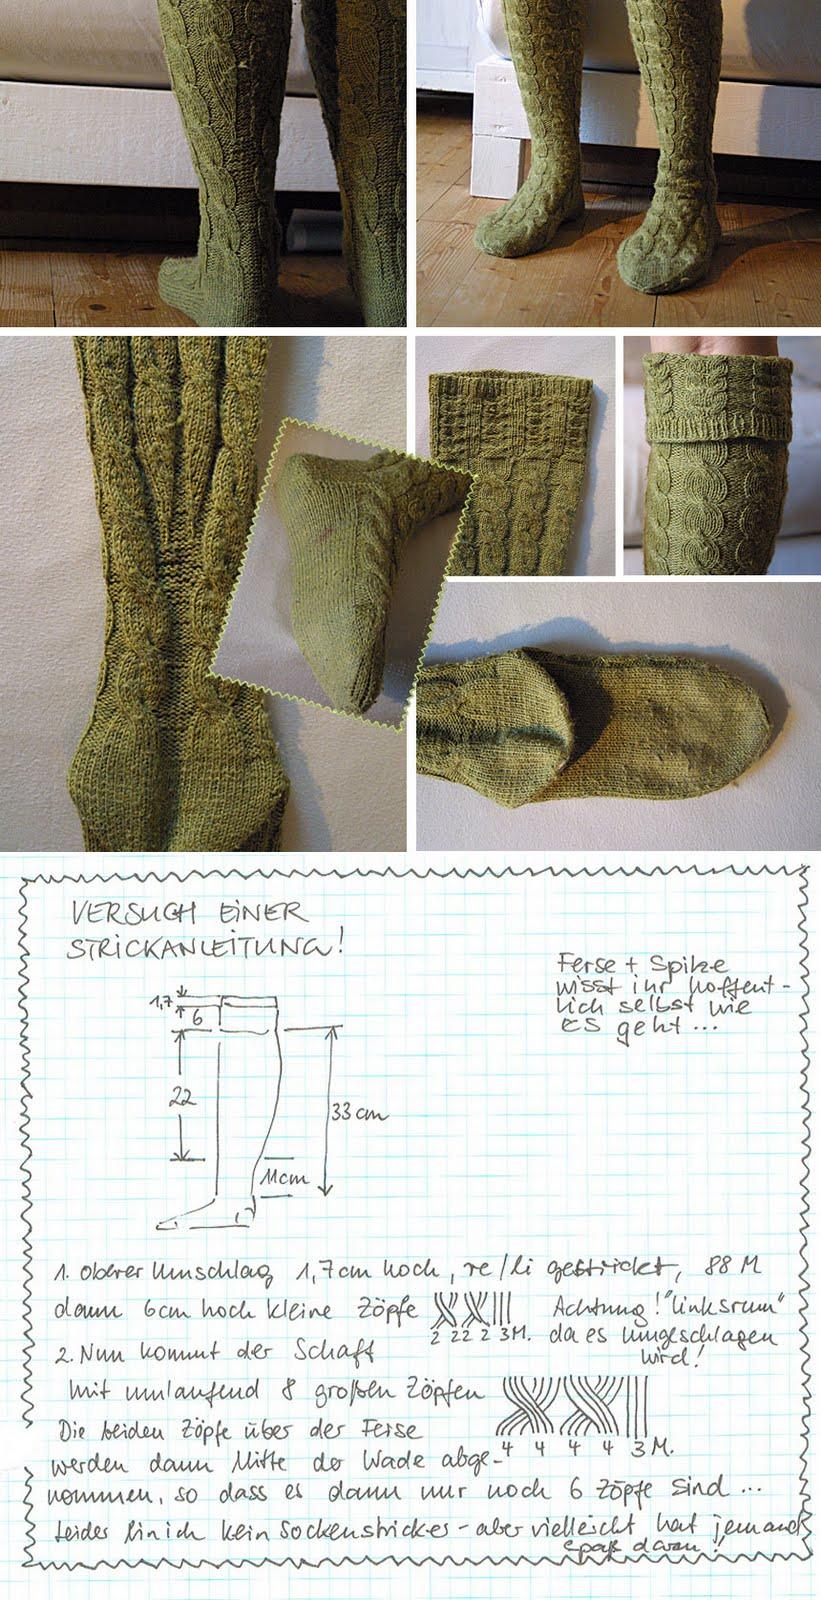 lupinus salon stylische trachtensocken. Black Bedroom Furniture Sets. Home Design Ideas